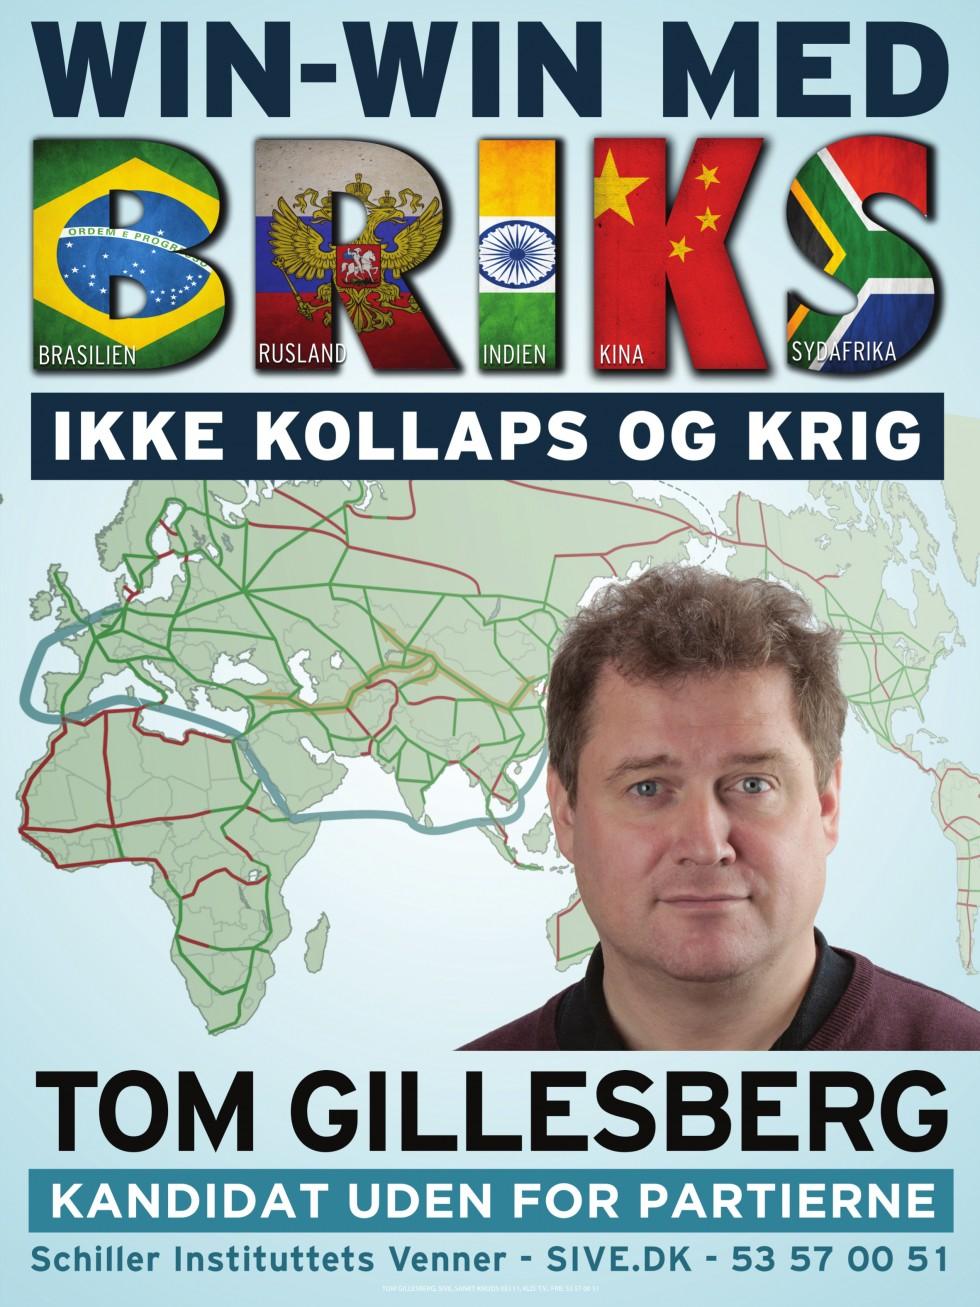 Tom_valgplakat_2015_win-win_med_briks